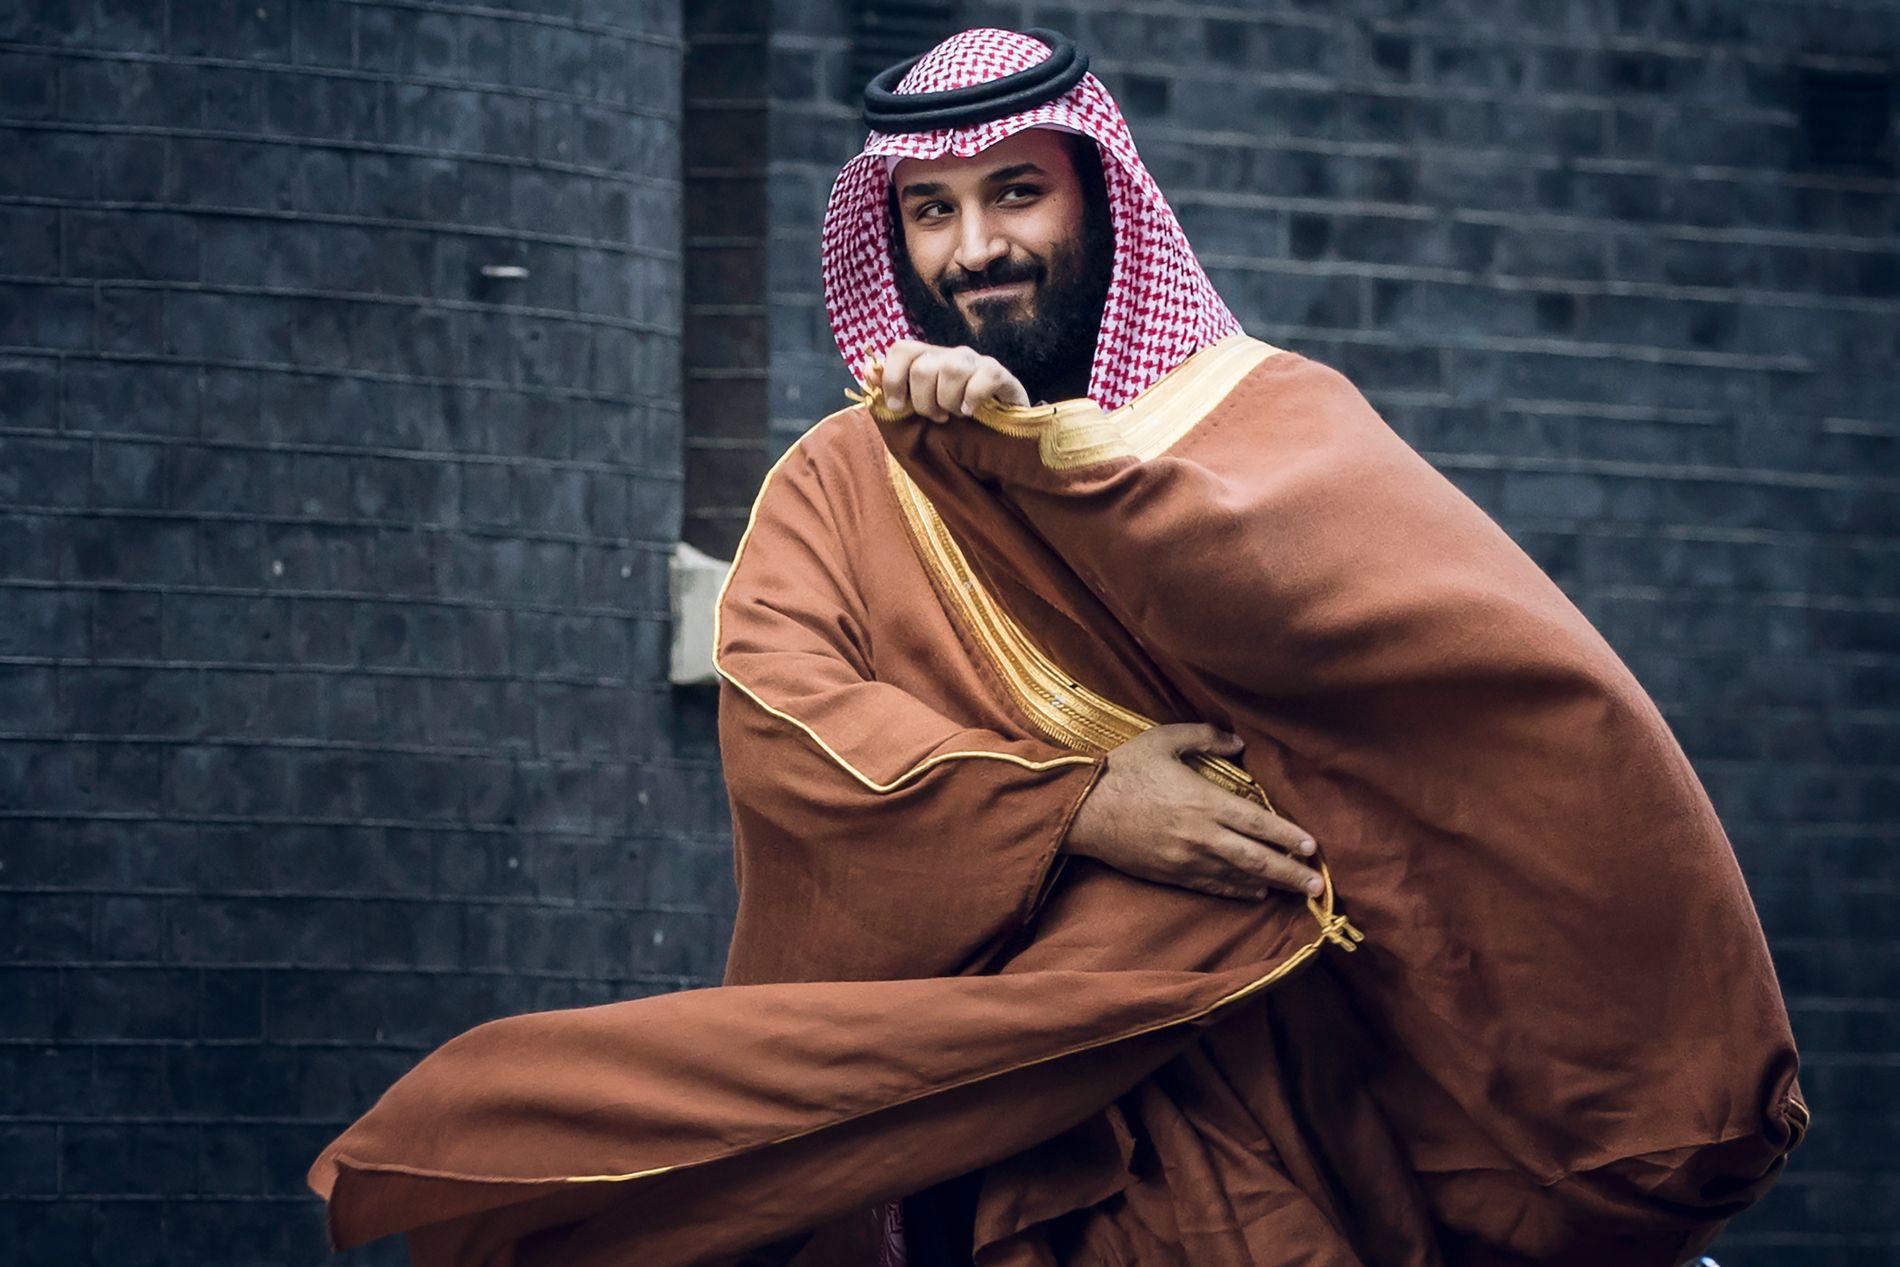 LOVET REFORM: Kronprins Mohammed Bin Salman under et besøk i London tidligere i år.